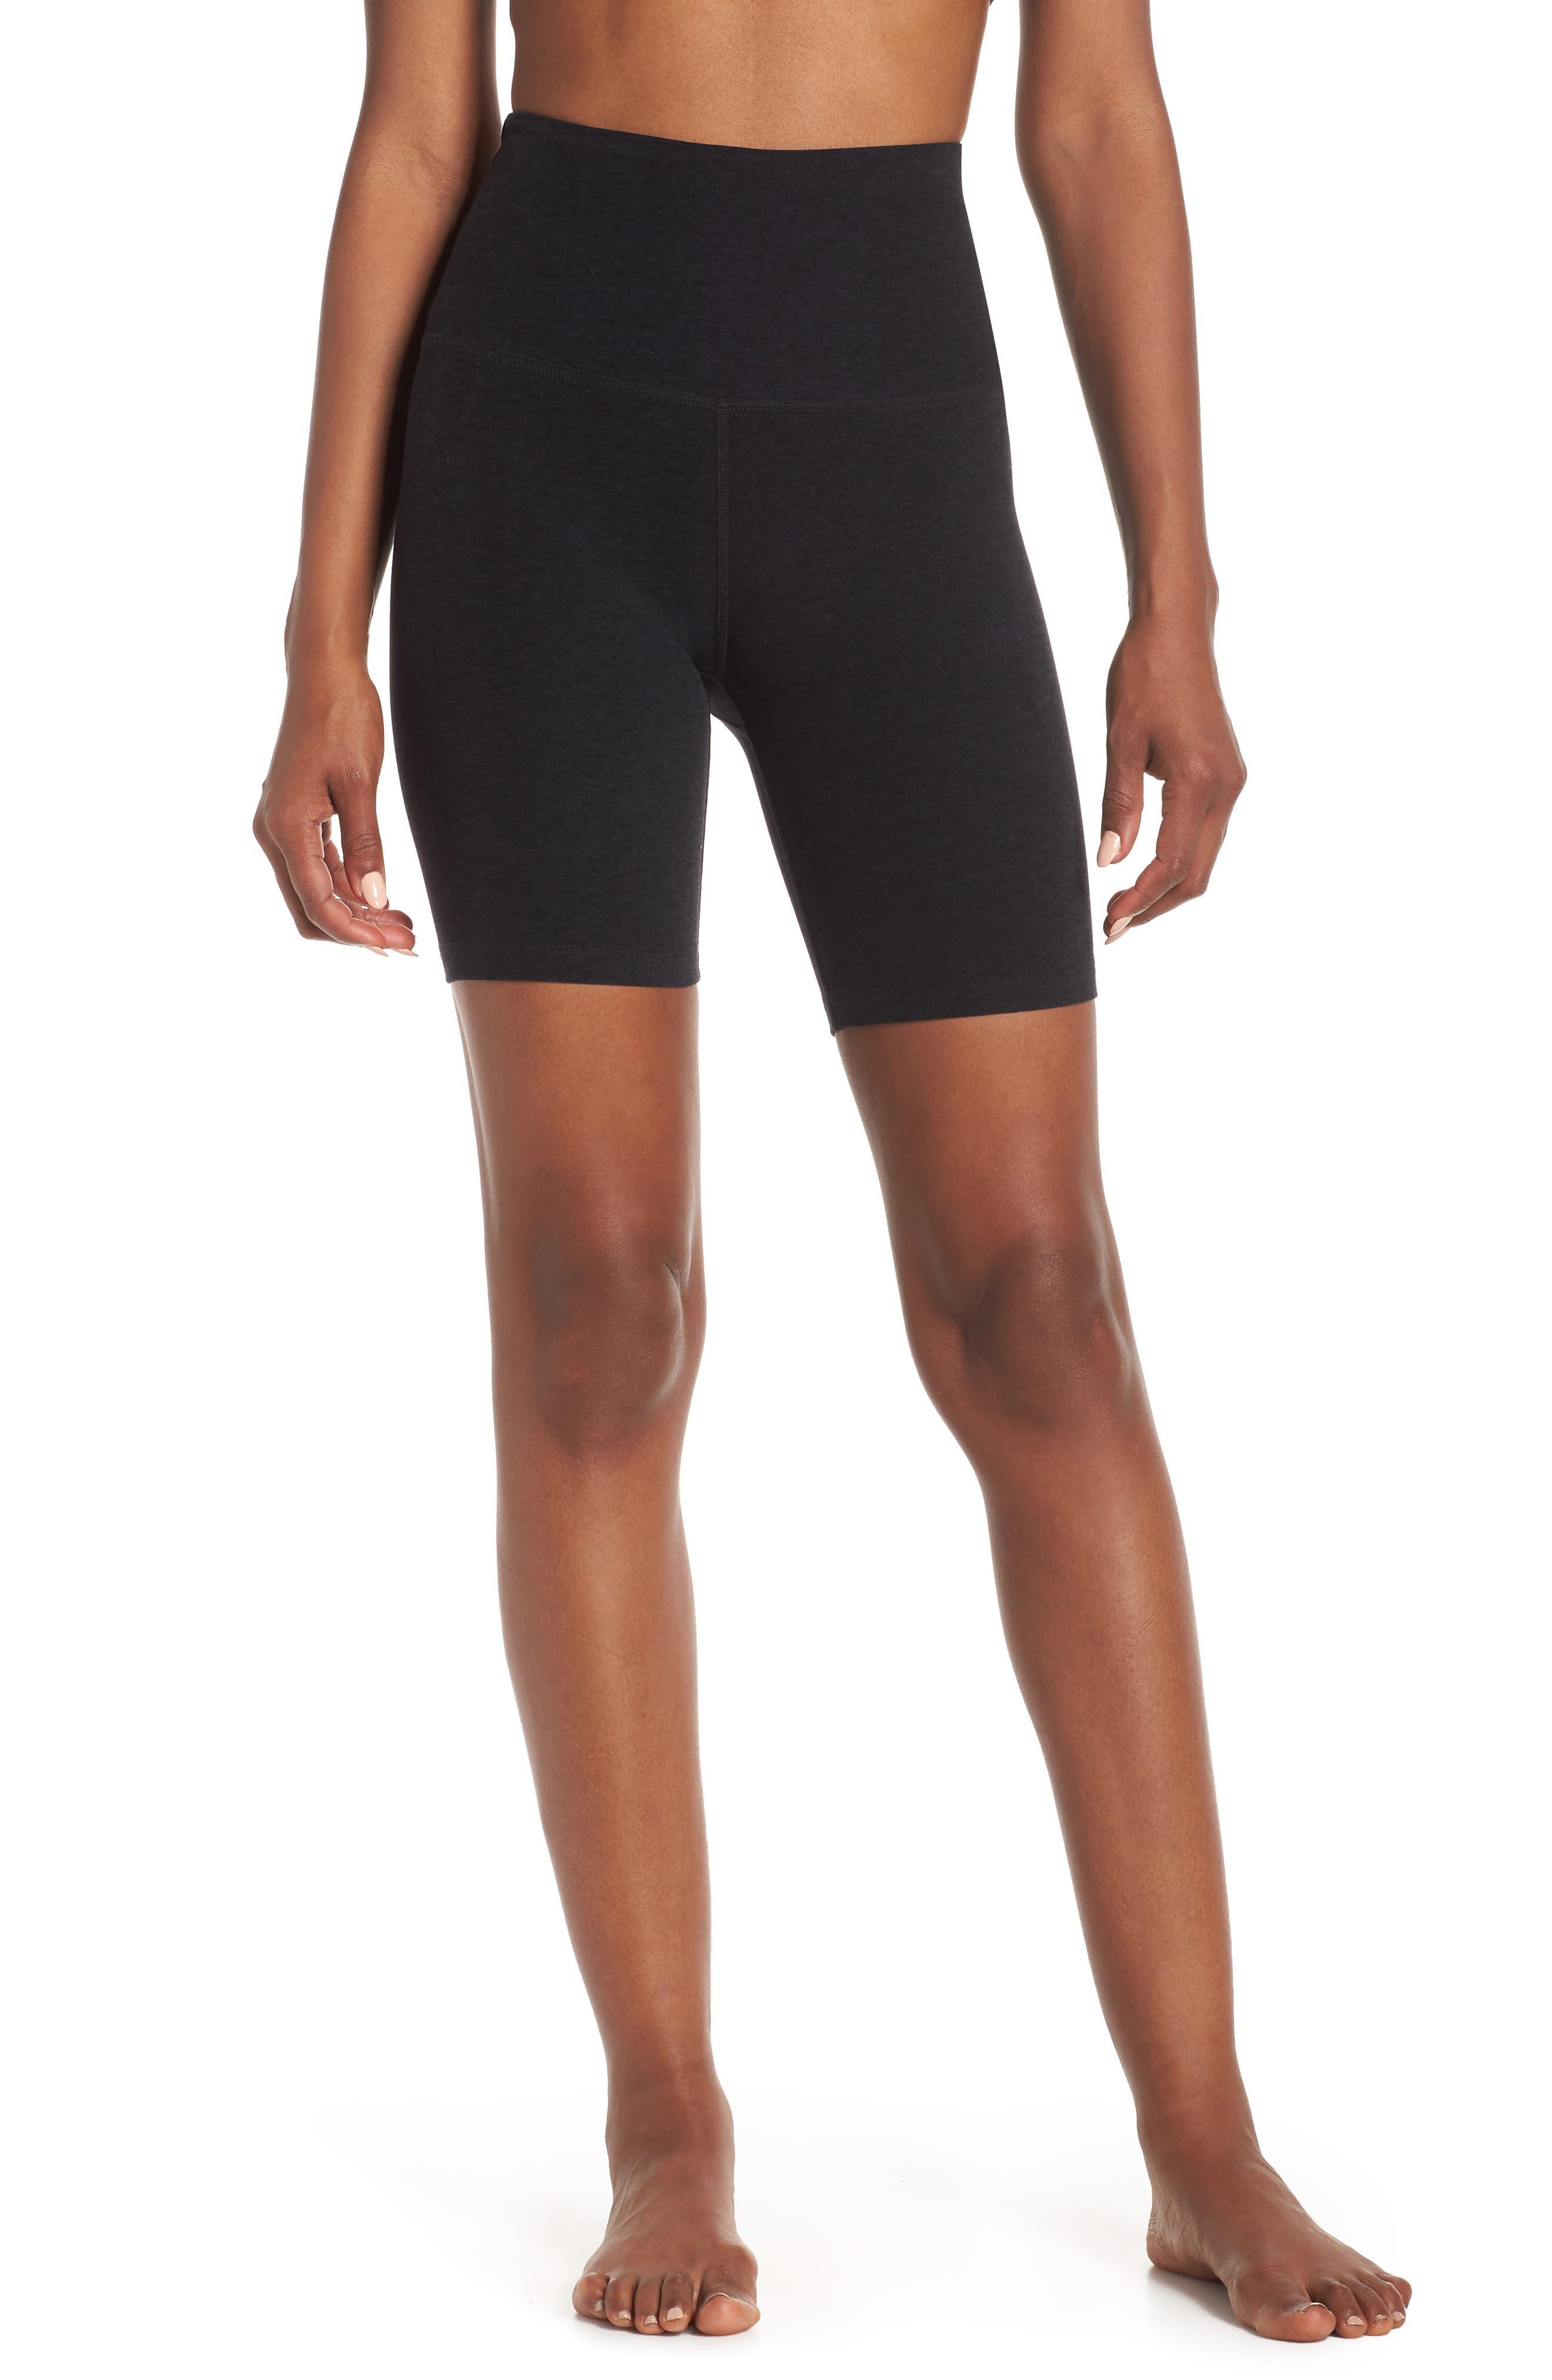 Women's Beyond Yoga High Waist Biker Shorts